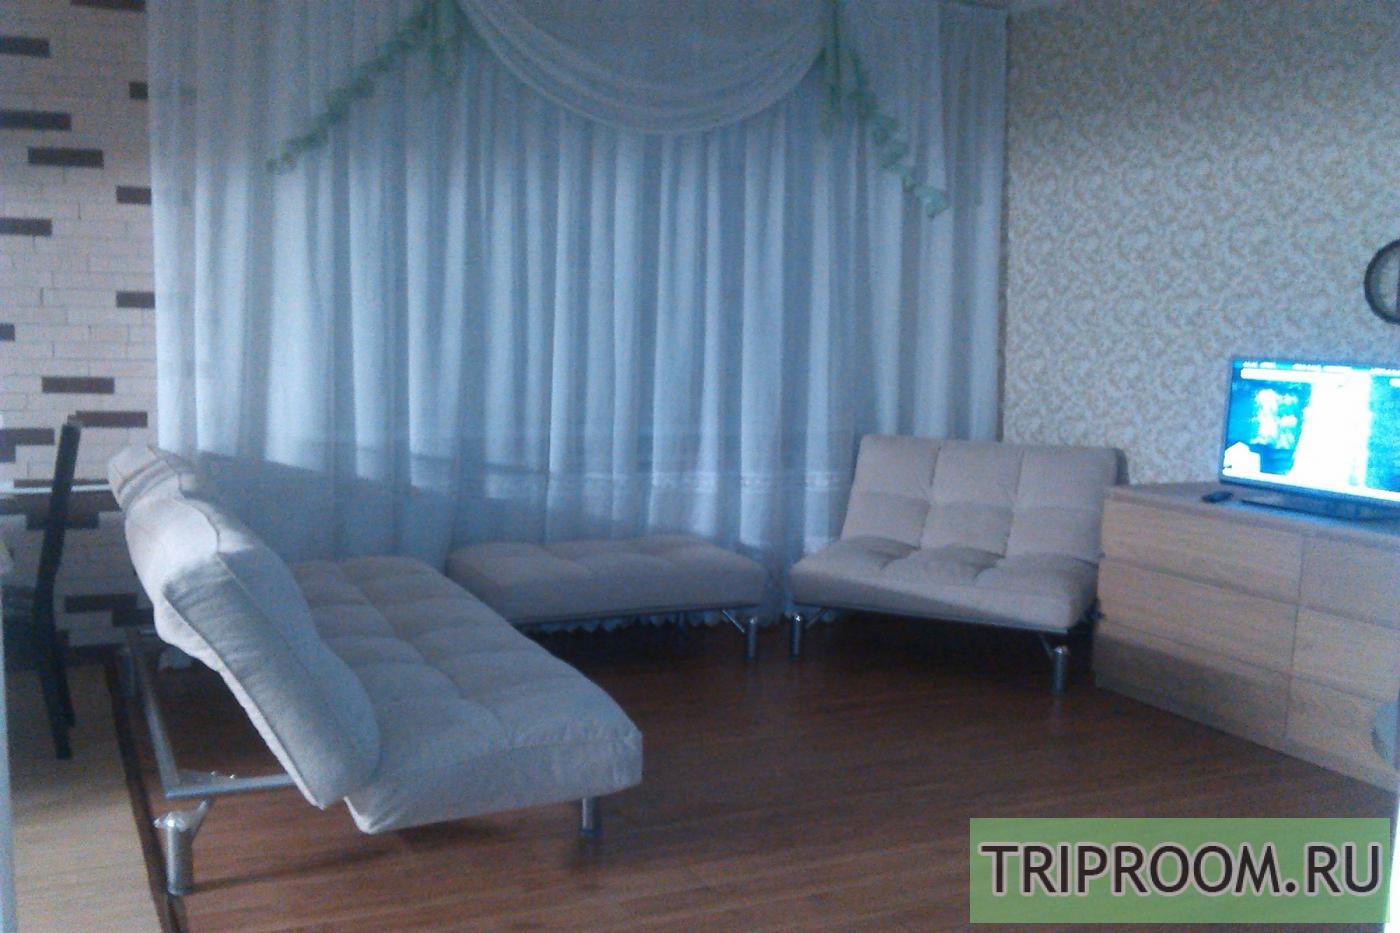 2-комнатная квартира посуточно (вариант № 20122), ул. Ленина проспект, фото № 3